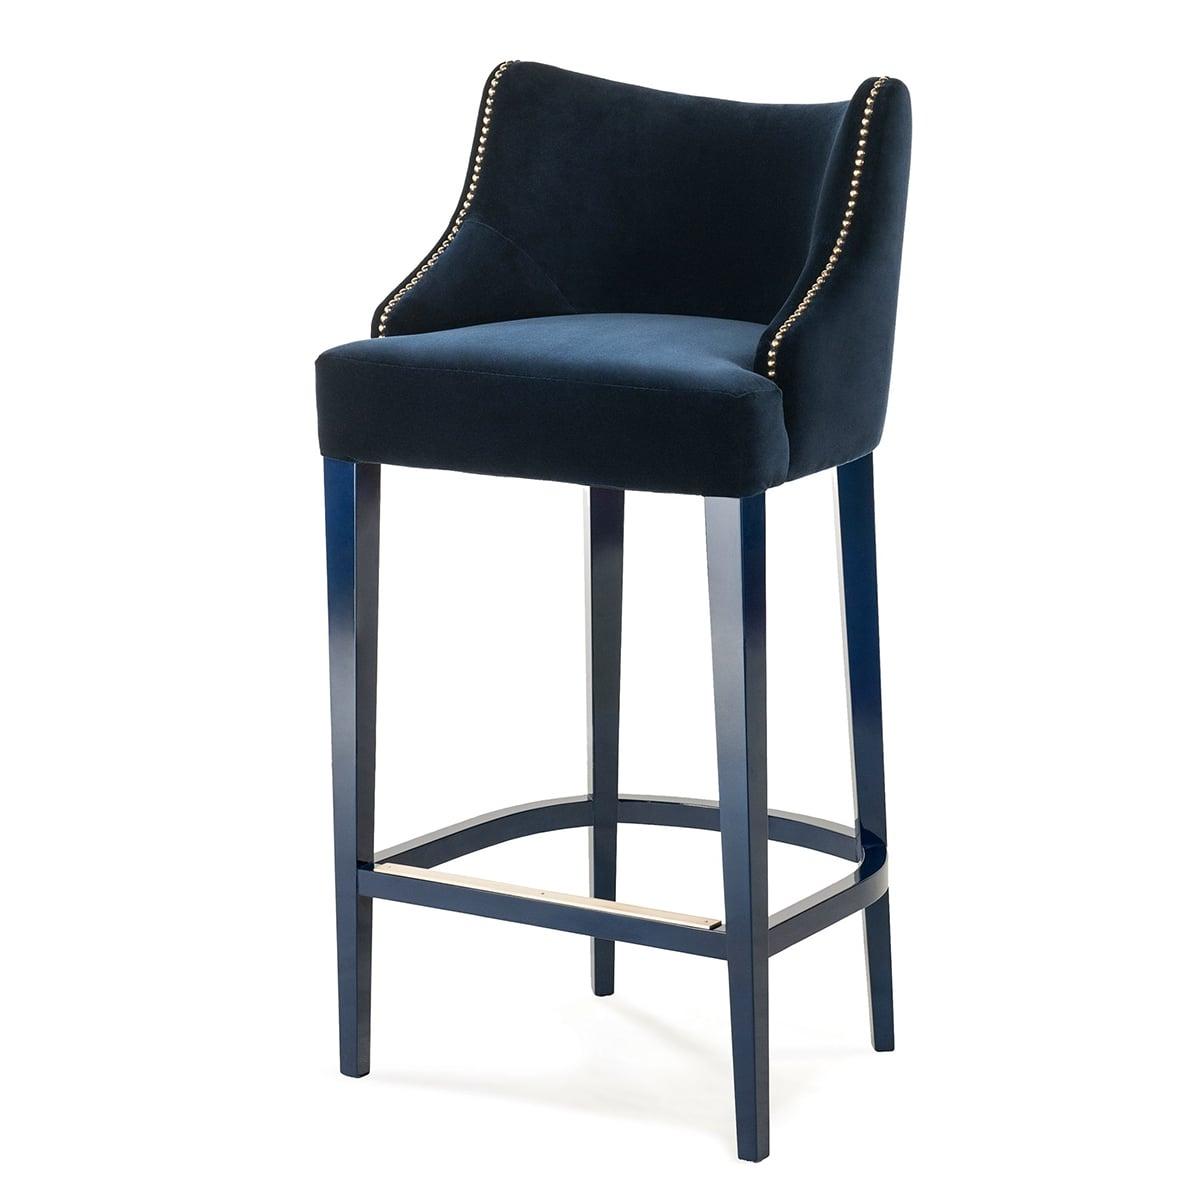 bar stool chair light gray designer velvet becomes me swanky interiors